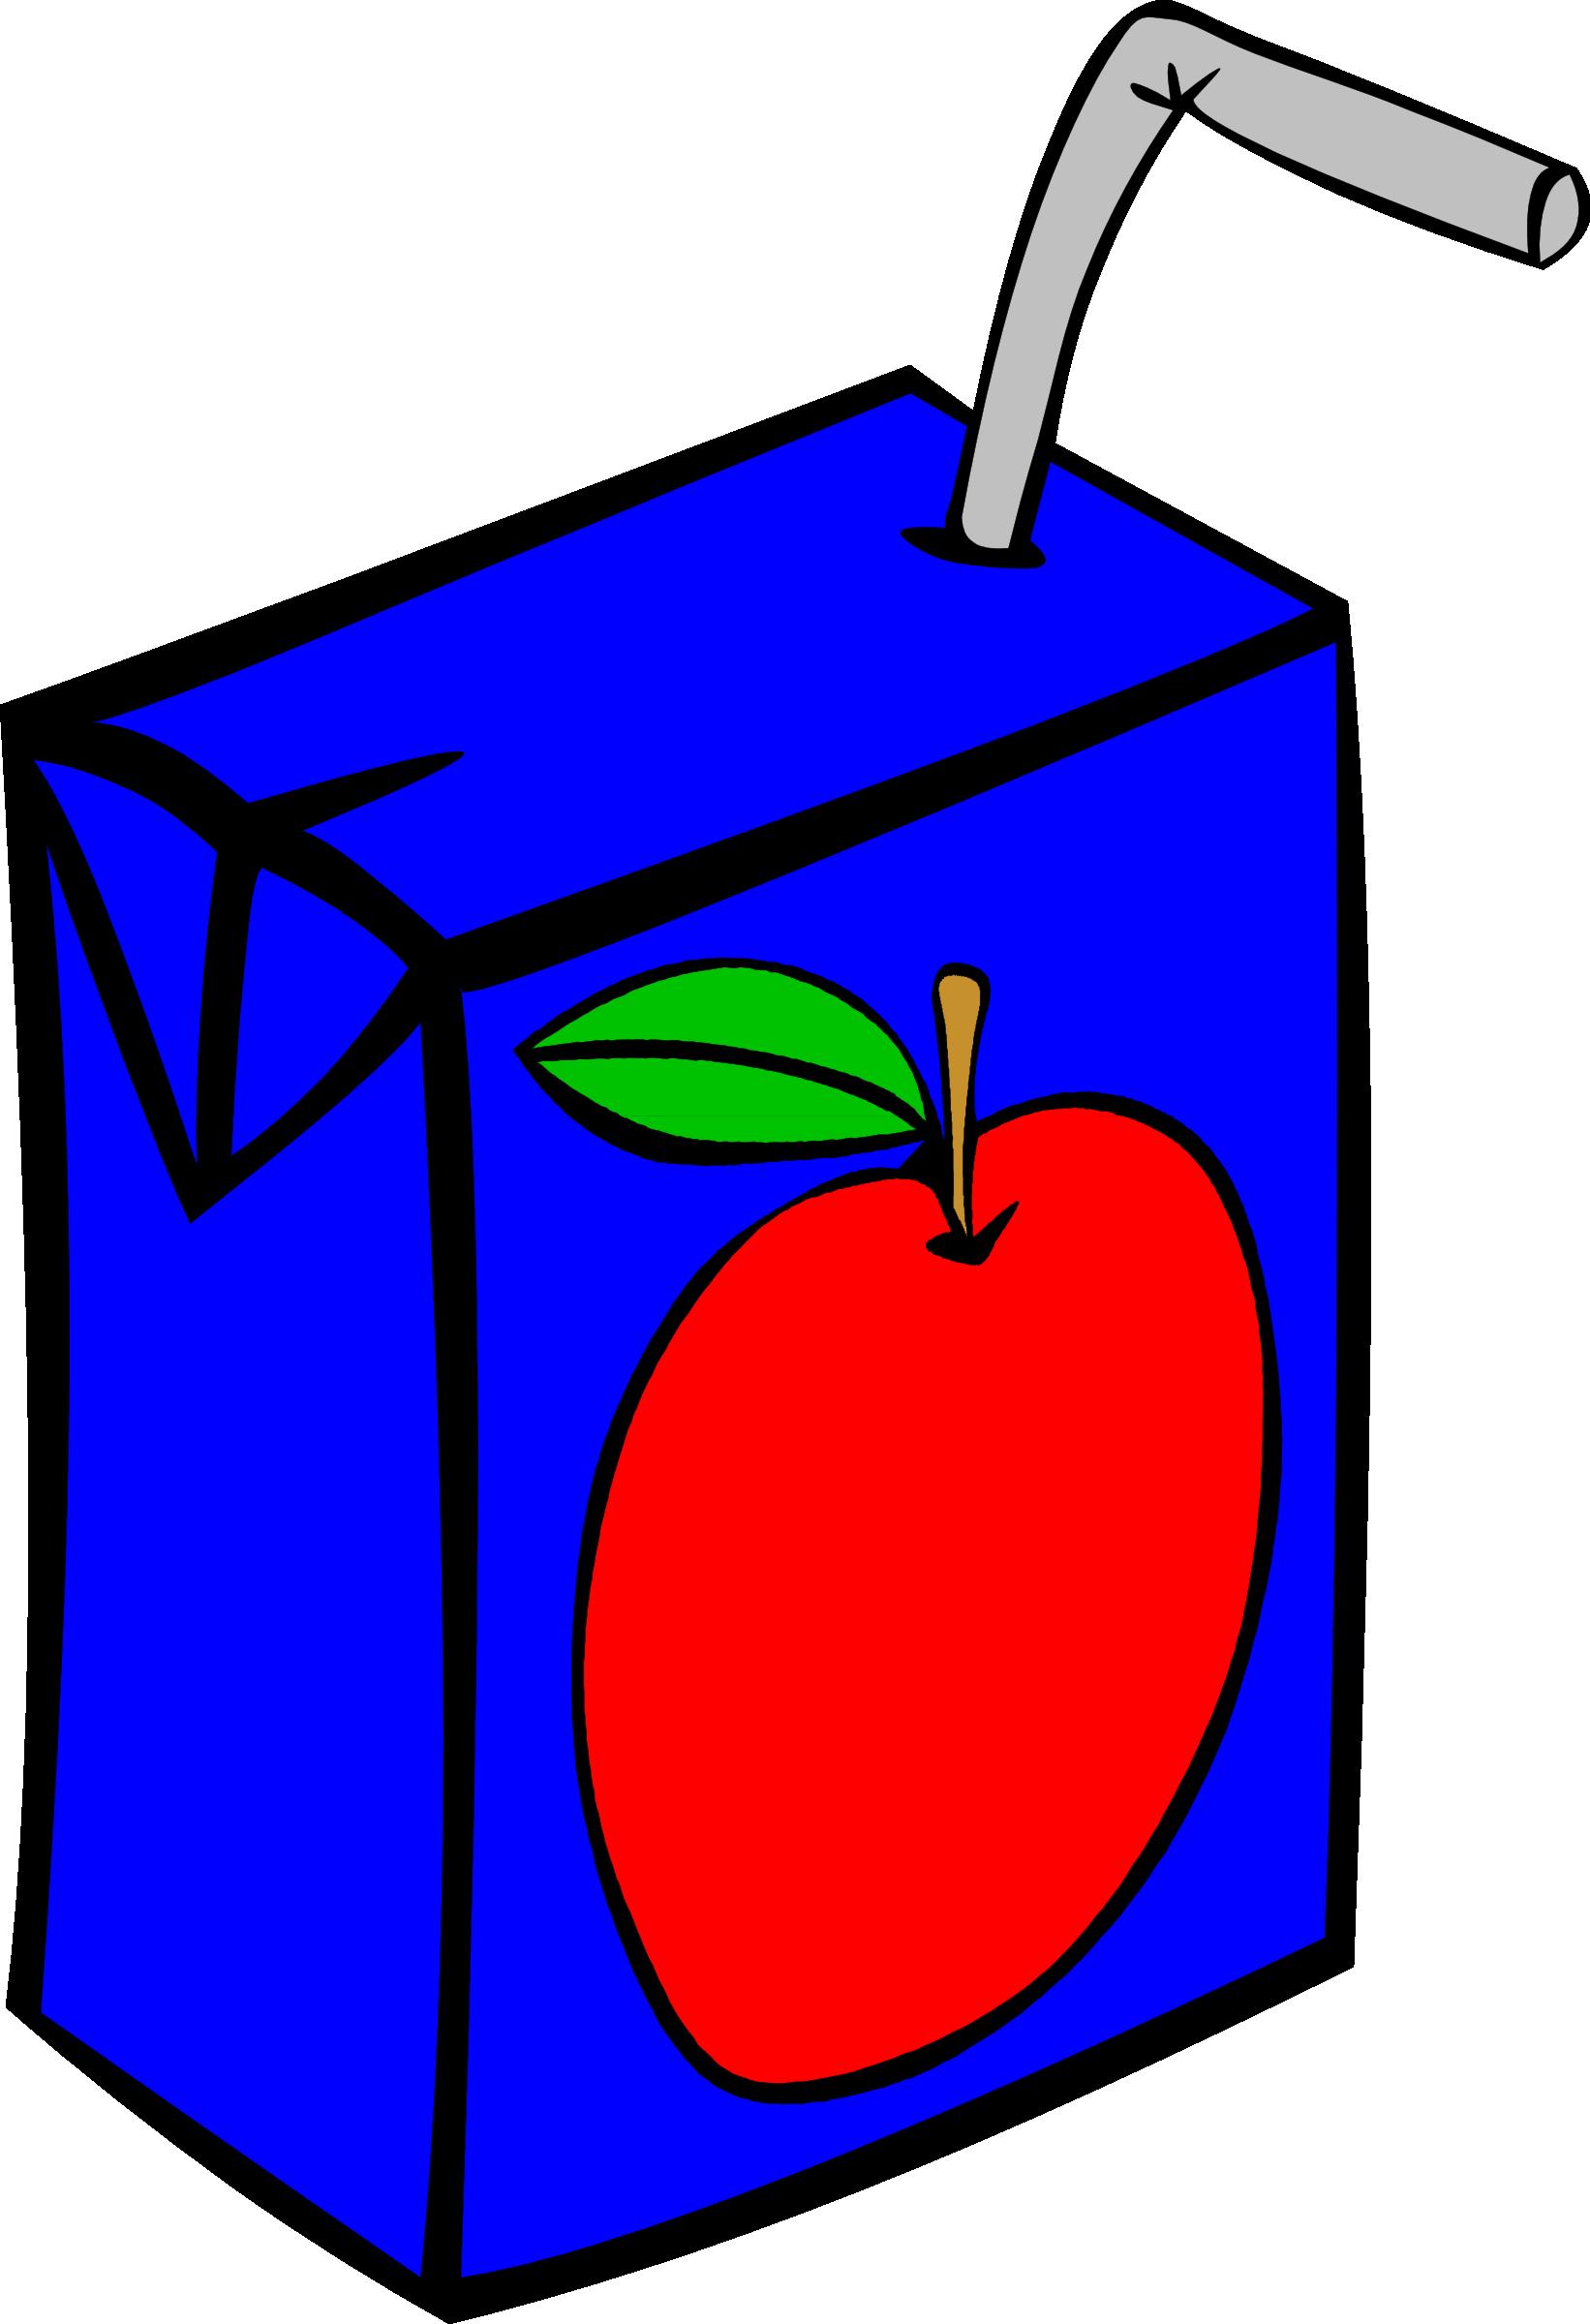 Apple juice panda free. Drink clipart drink menu